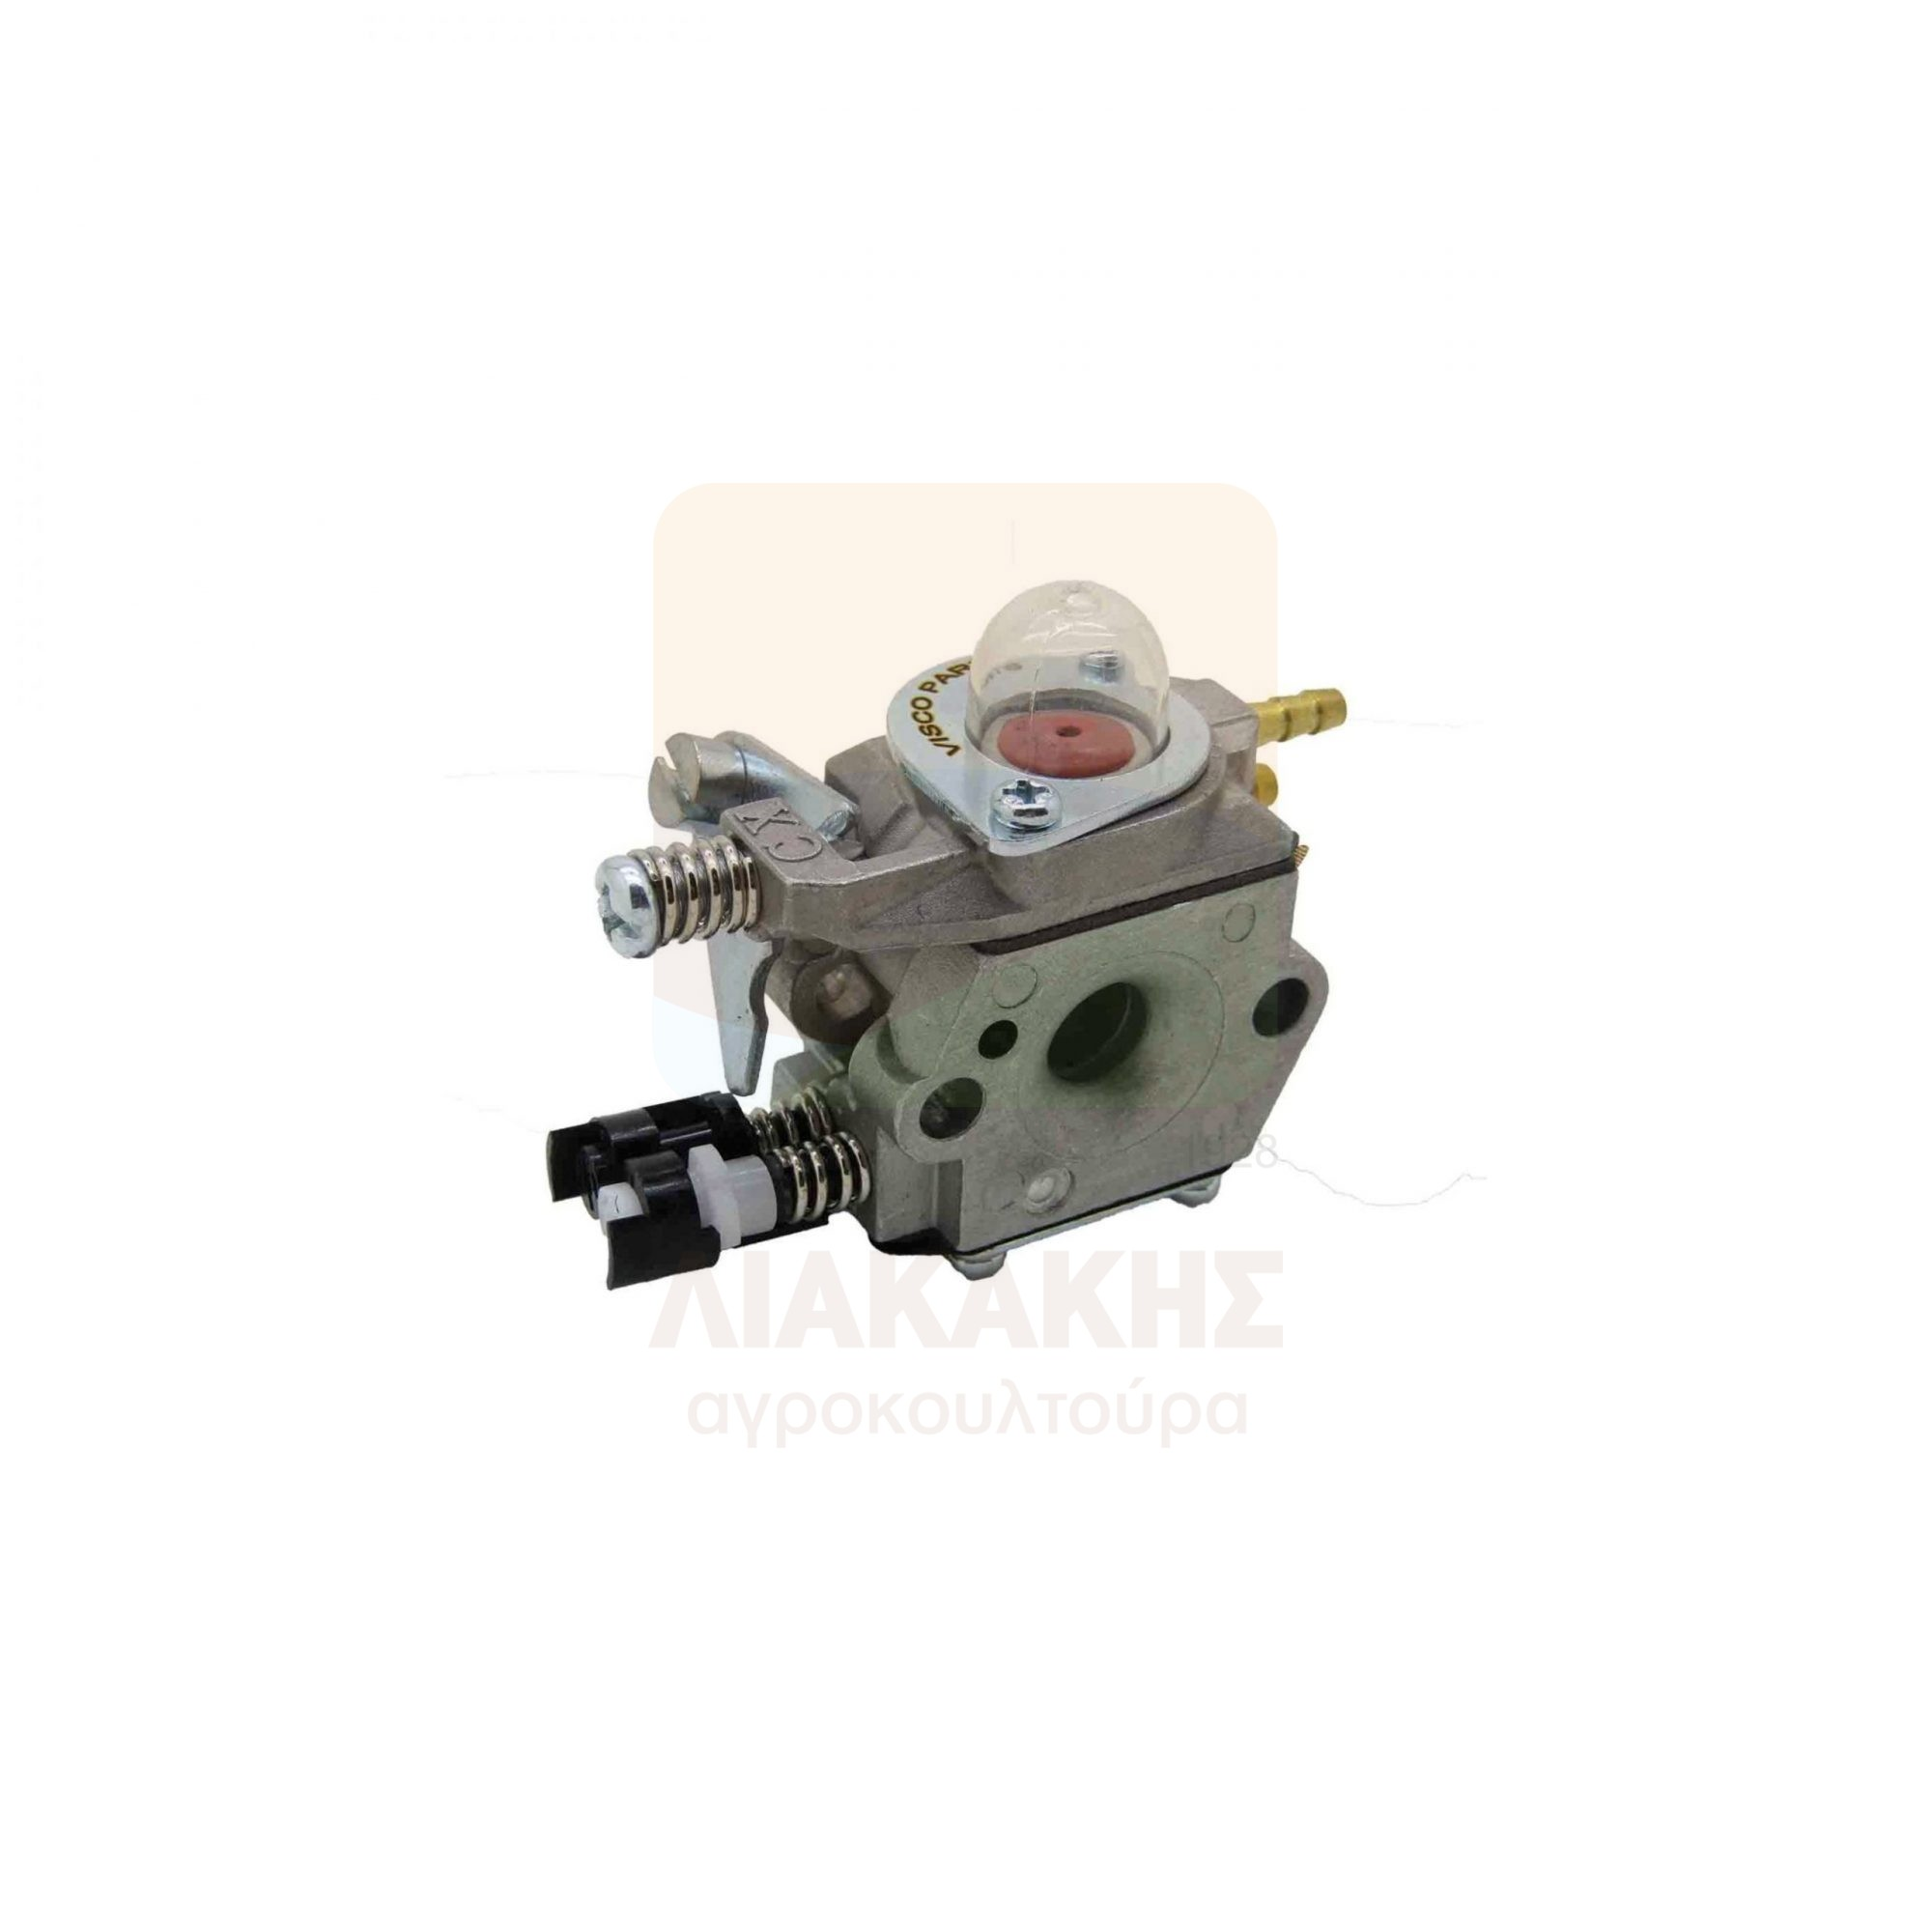 ΚΑΡ-057 Καρμπυρατέρ OLEOMAC-EFCO 730-735-740 - 8300-8350-8400